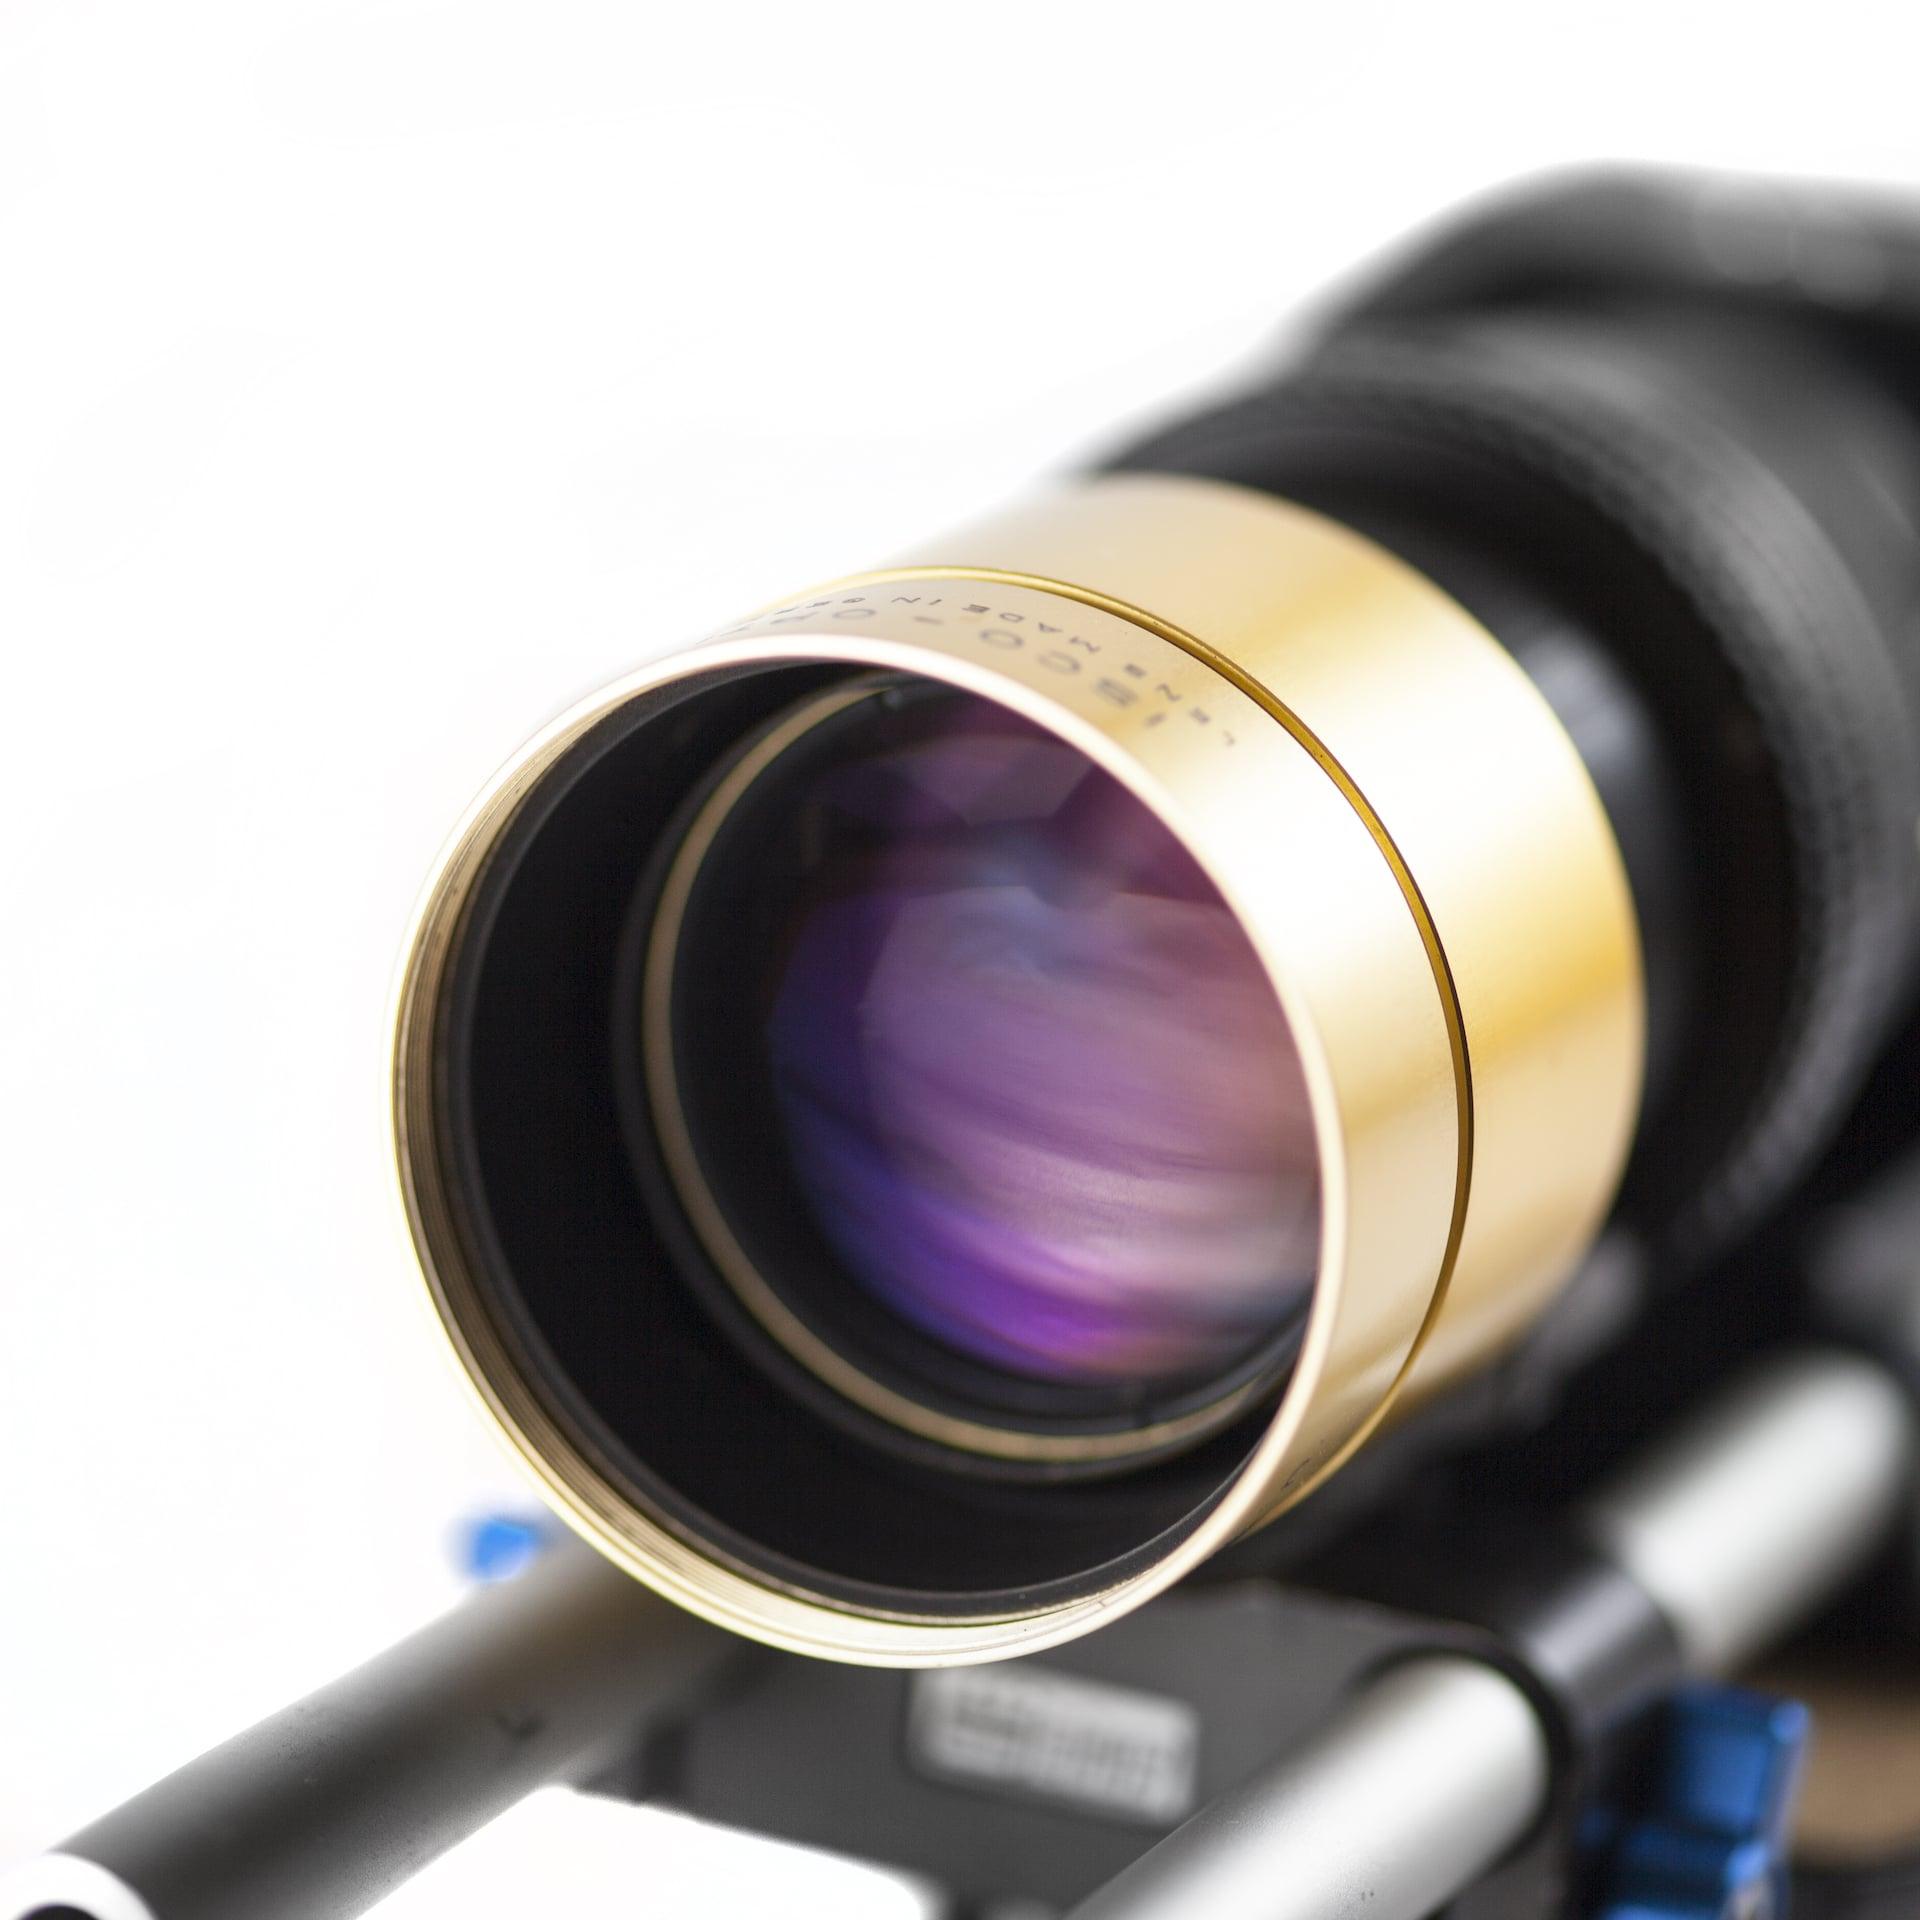 Cinema Prime Lens